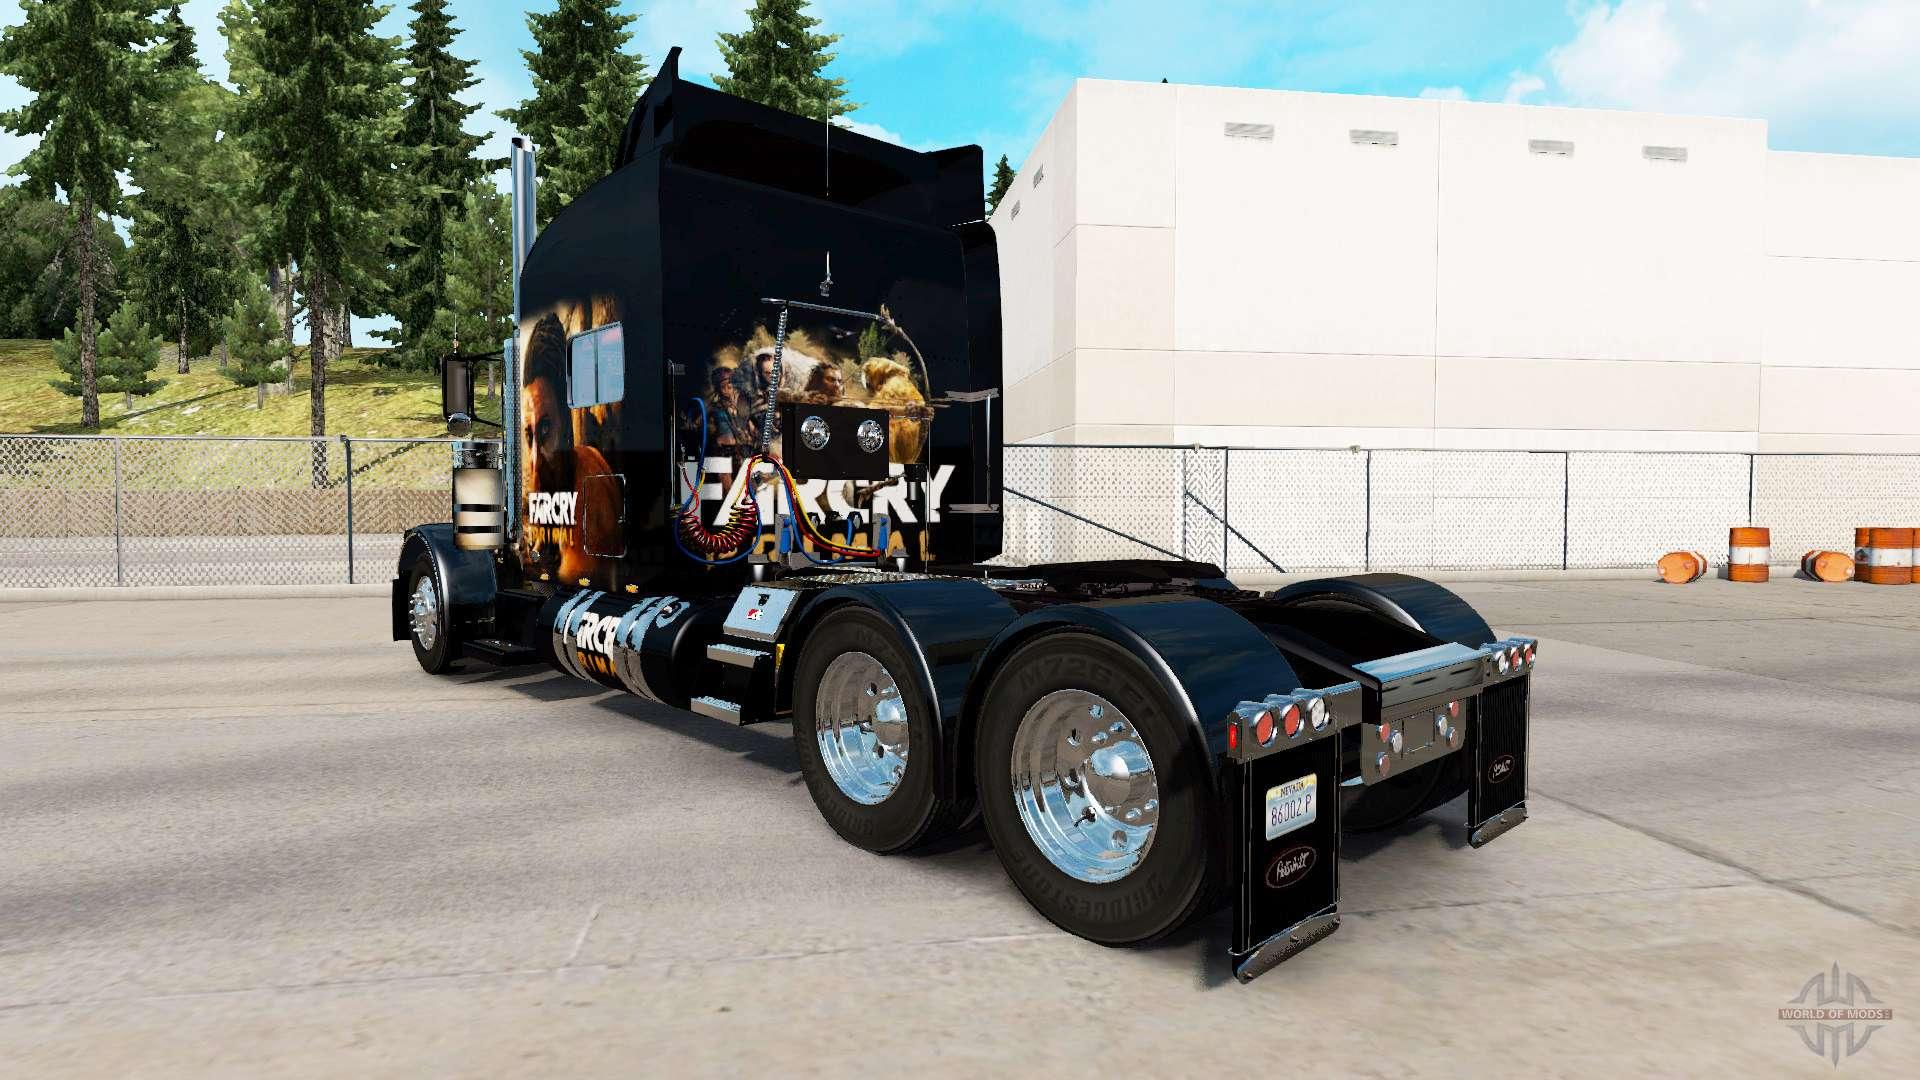 Far Cry  Paint Jobs